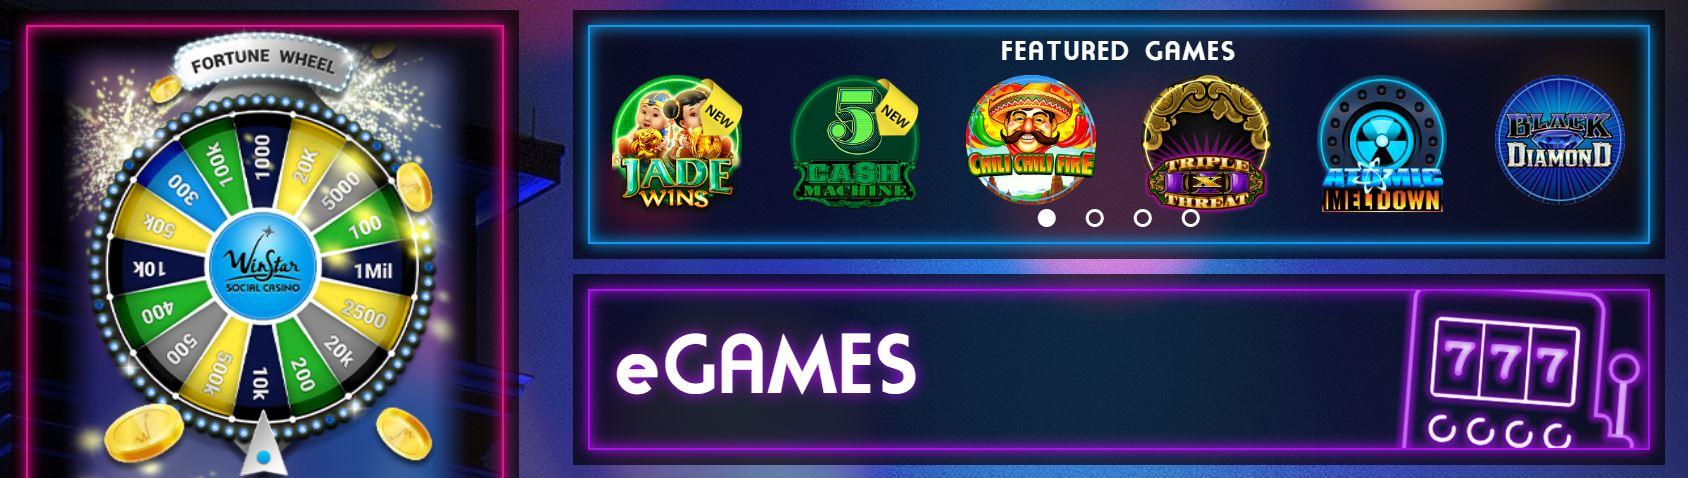 Los e games son una de las especialidades de Winstar.